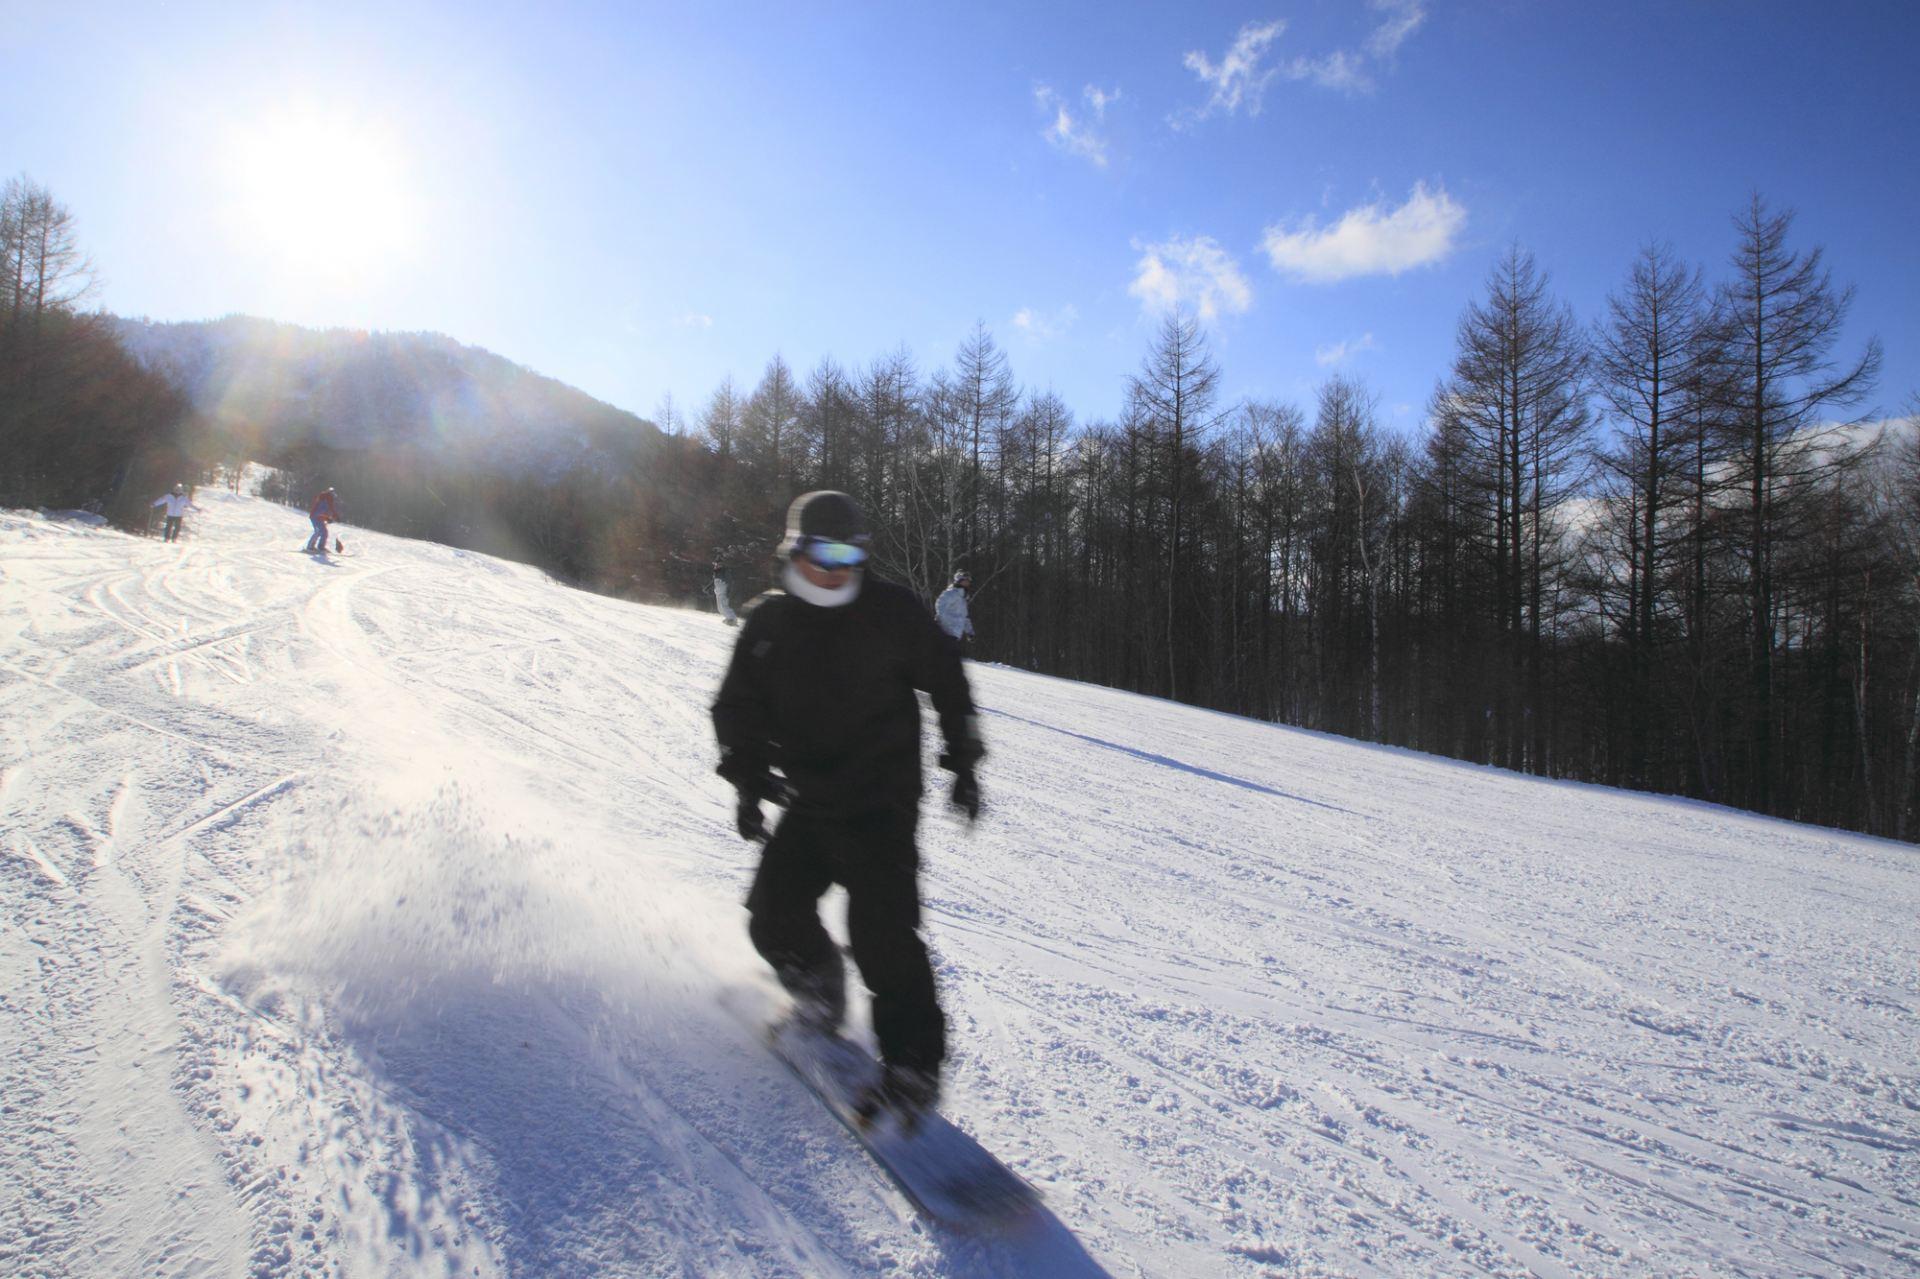 體驗低濕度粉雪「Aspirin Snow」